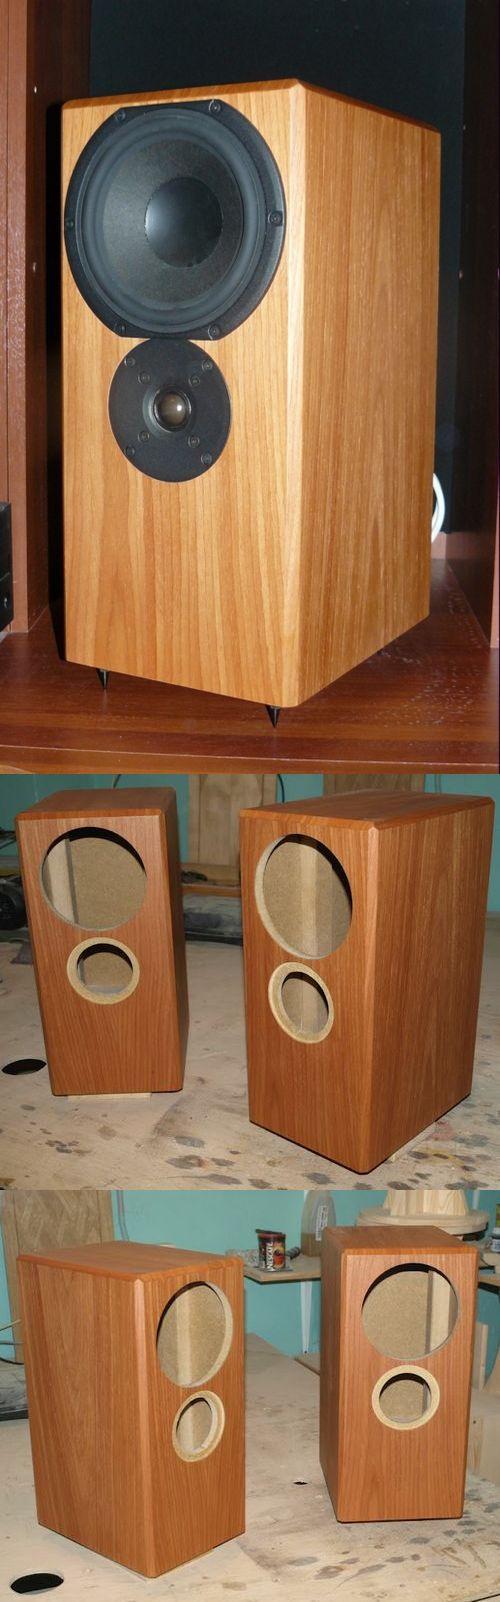 hoparlor-kabinleri-speaker-desings-hoparlor-kabin-tasarim